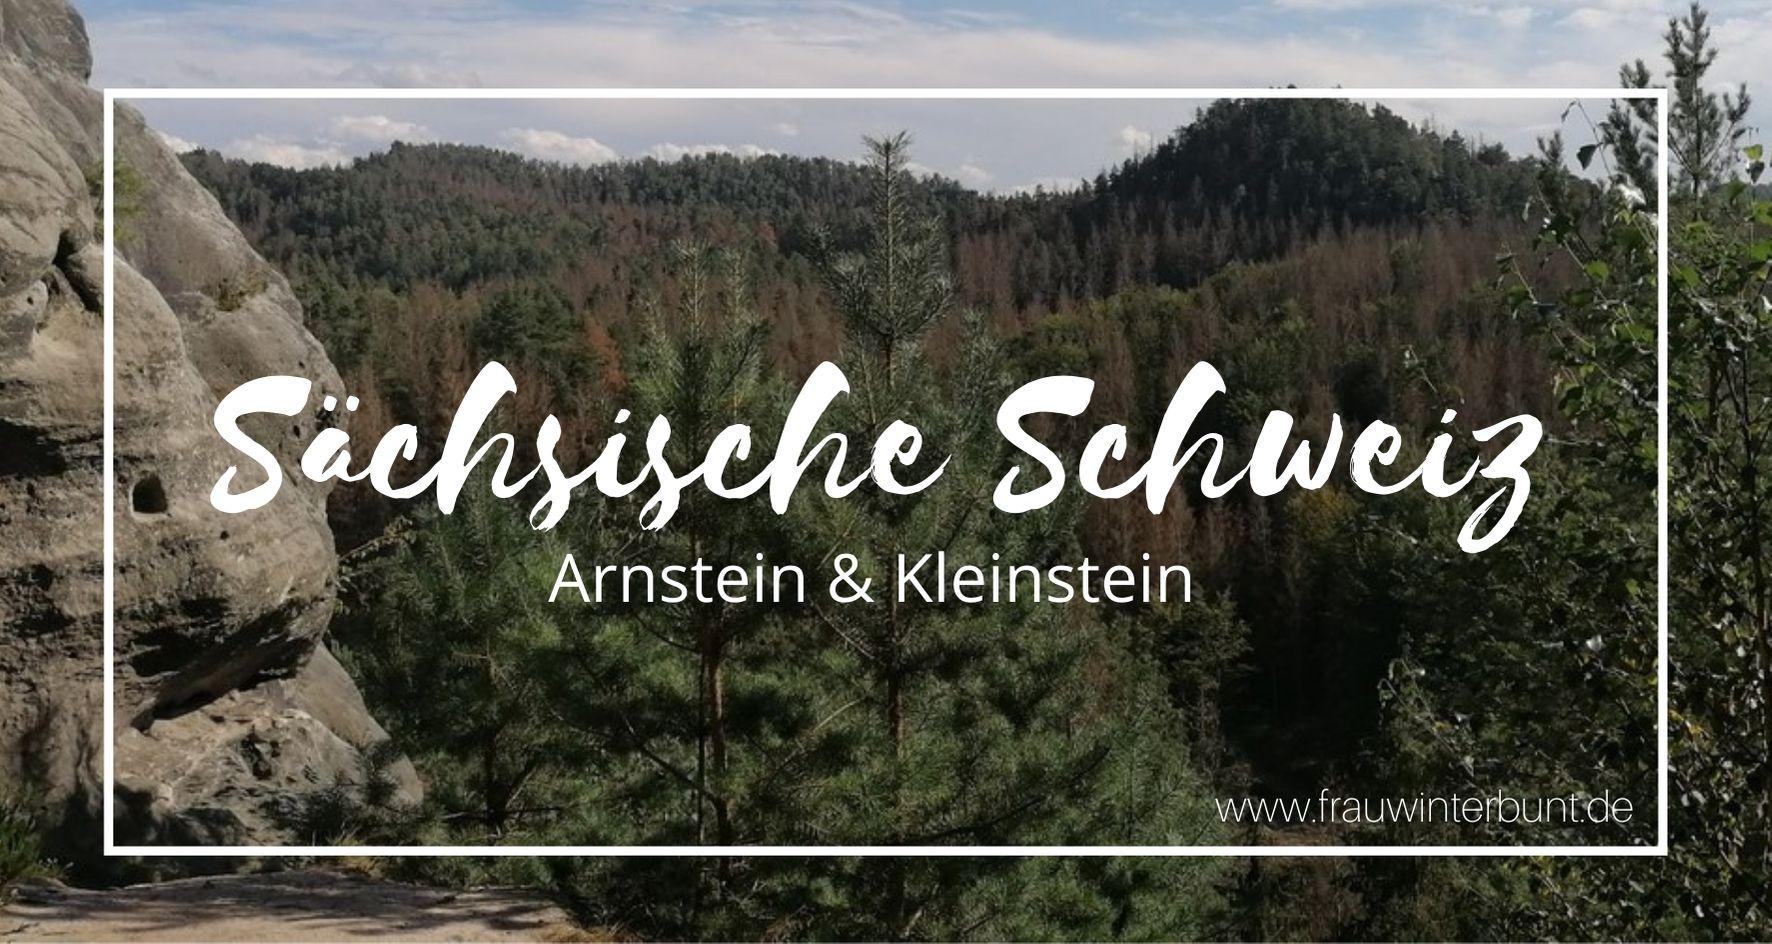 Wandertour | Sächsische Schweiz: Arnstein & Kleinstein